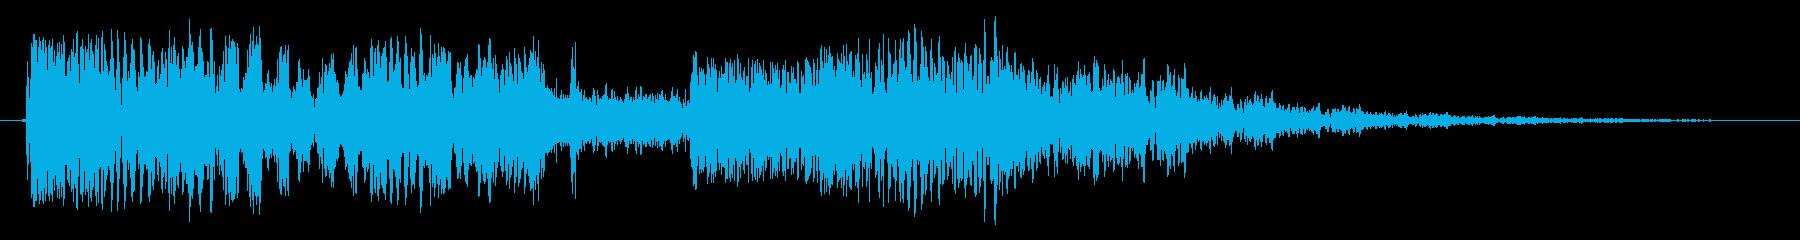 チューナーヒットの再生済みの波形